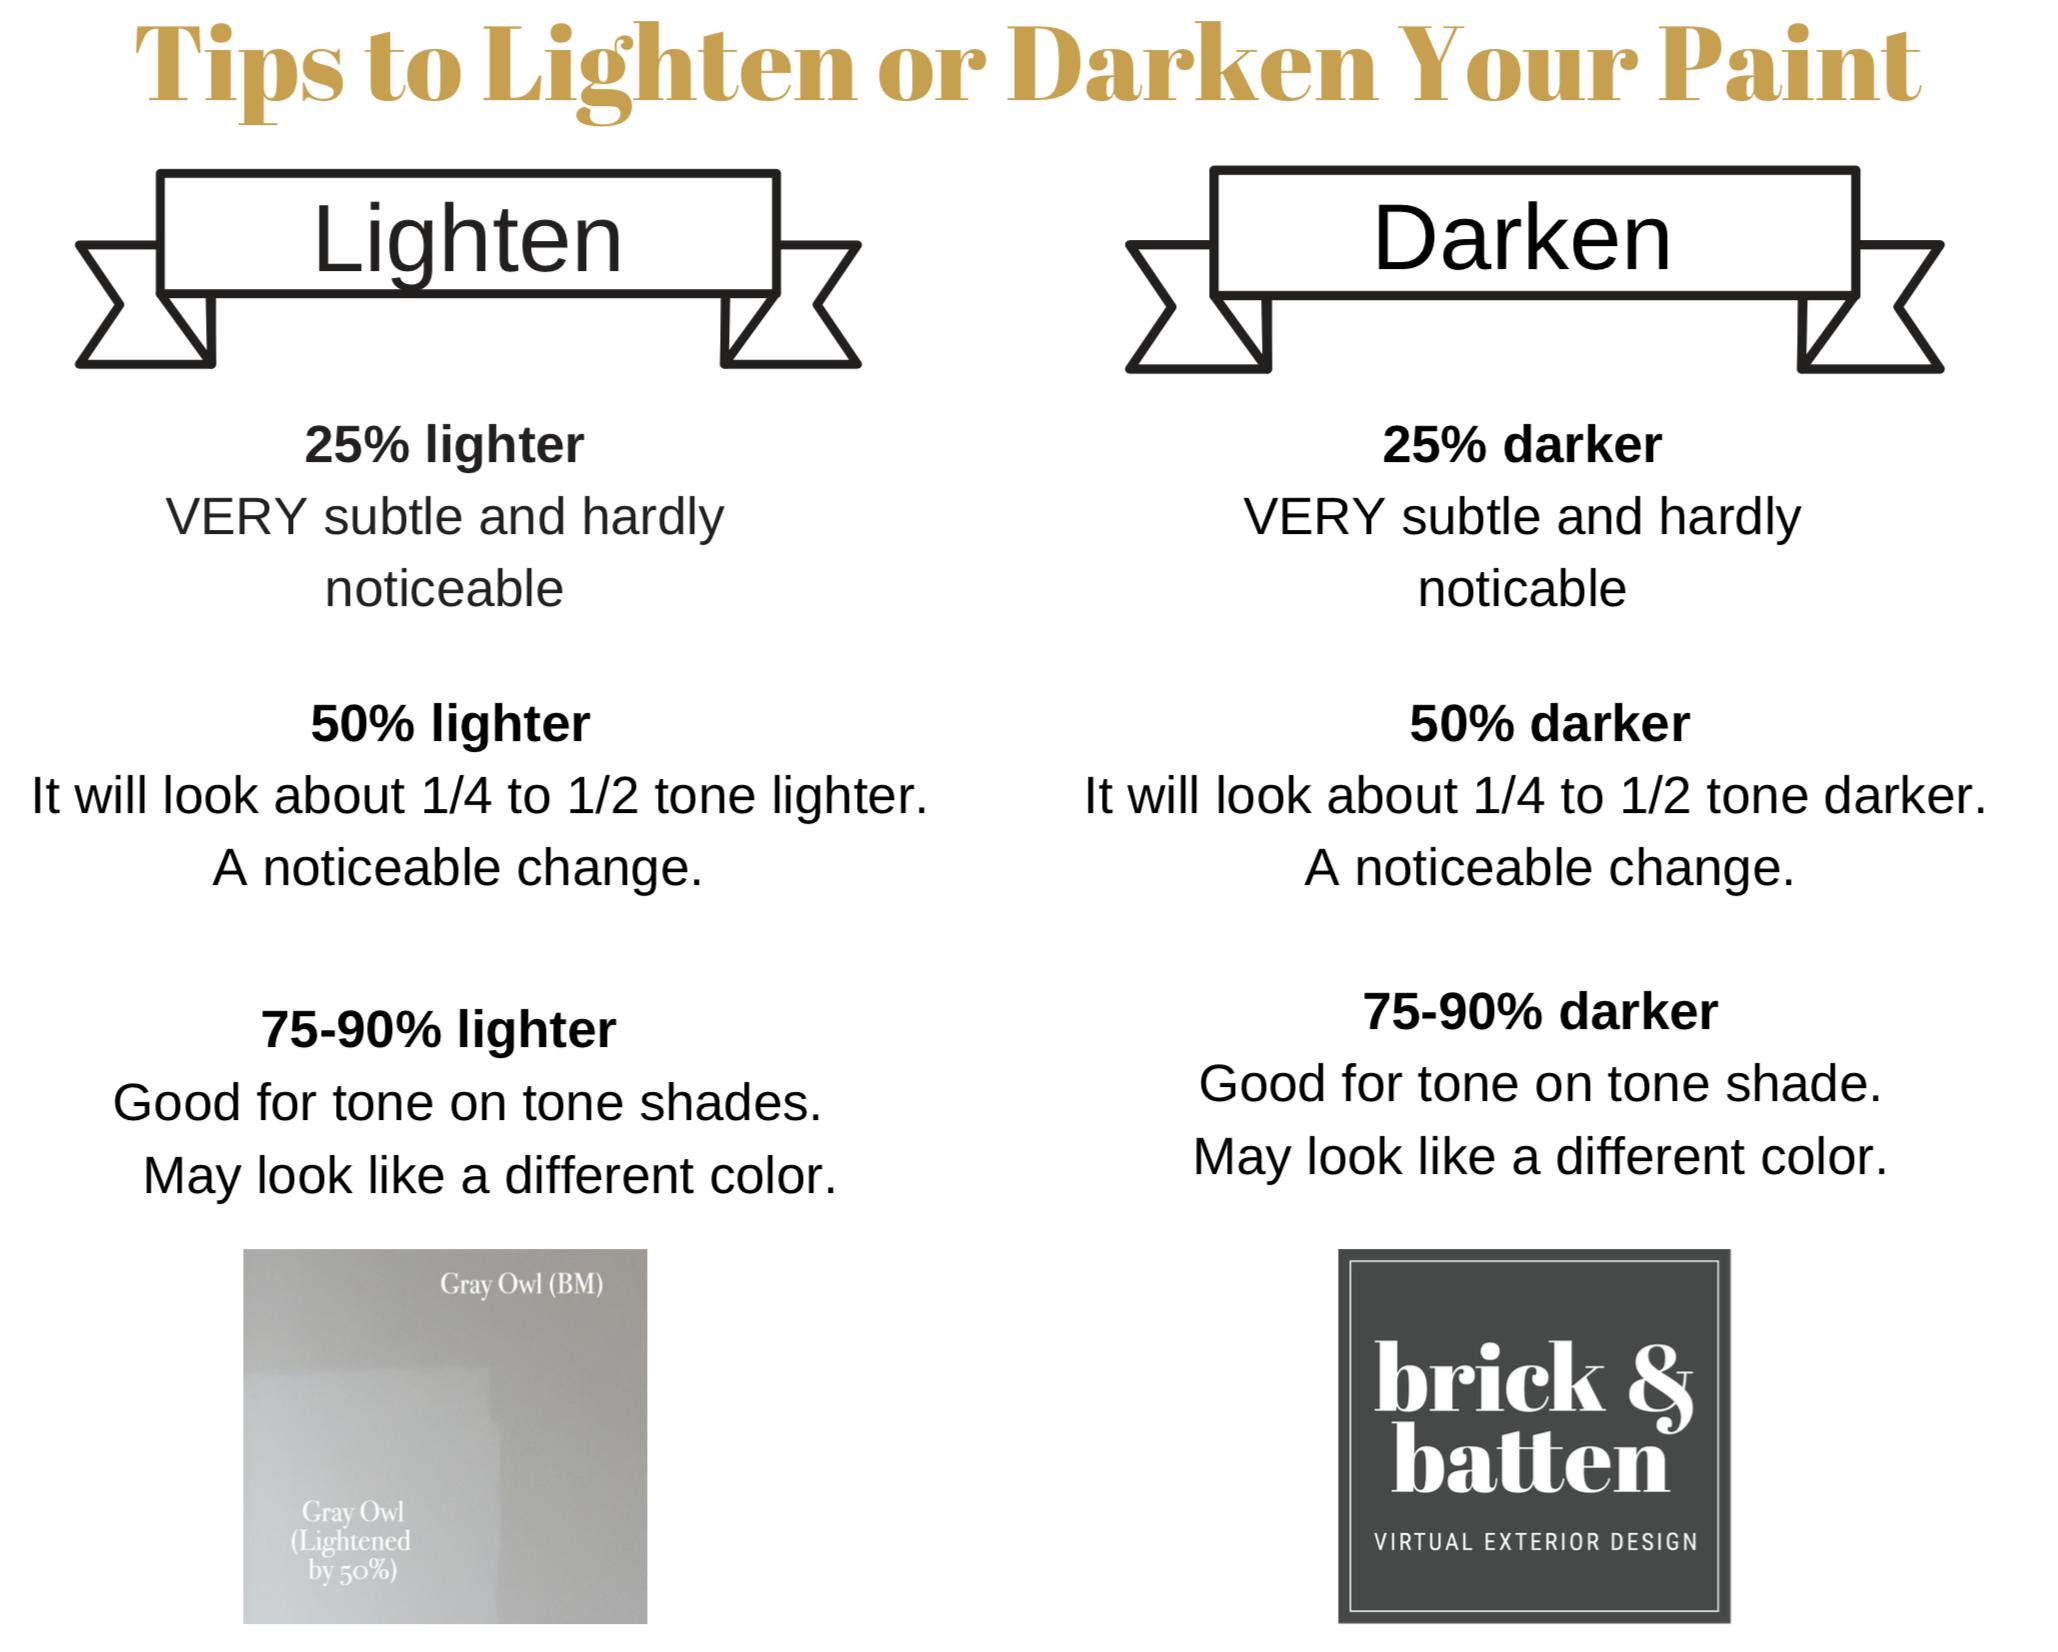 lighten or darken paint